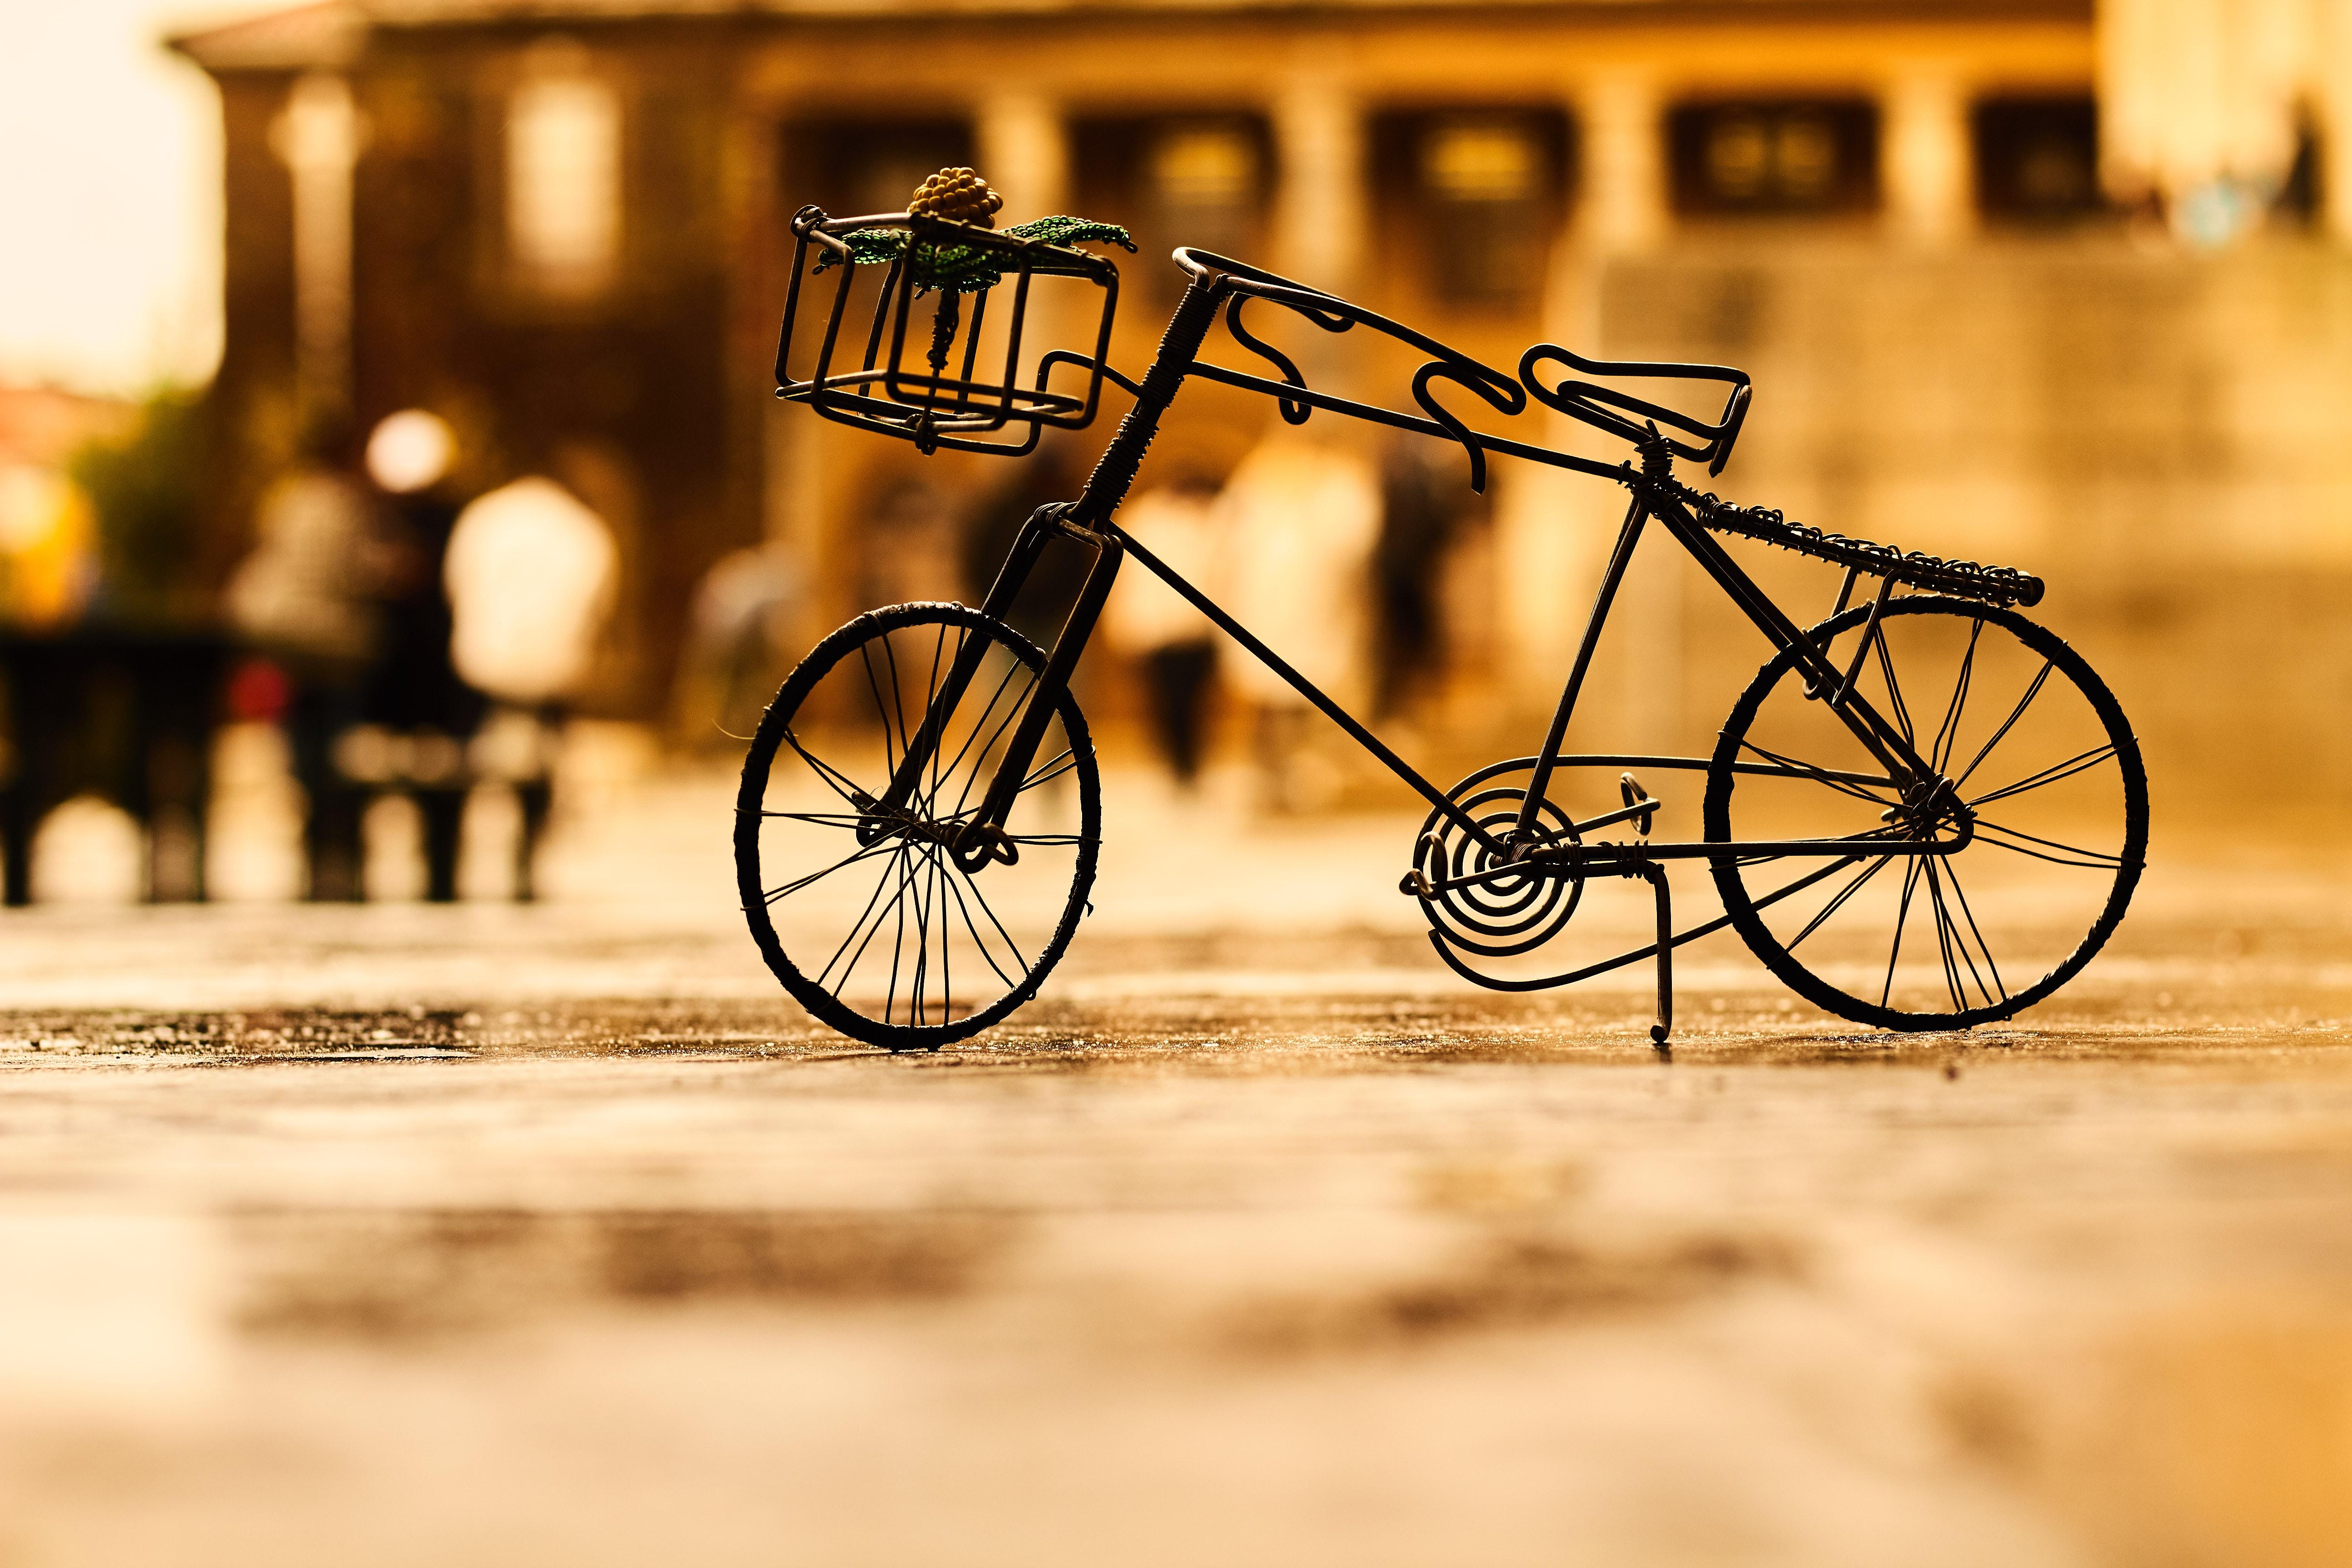 hình ảnh : Đồ cổ, nghệ thuật, Xe đạp, xe đạp, lờ mờ, Đóng lên, sáng tạo, Độ sâu trường, tiêu điểm, đất, Thu nhỏ, Ngoài trời, Màu nâu đỏ, du lịch, ...